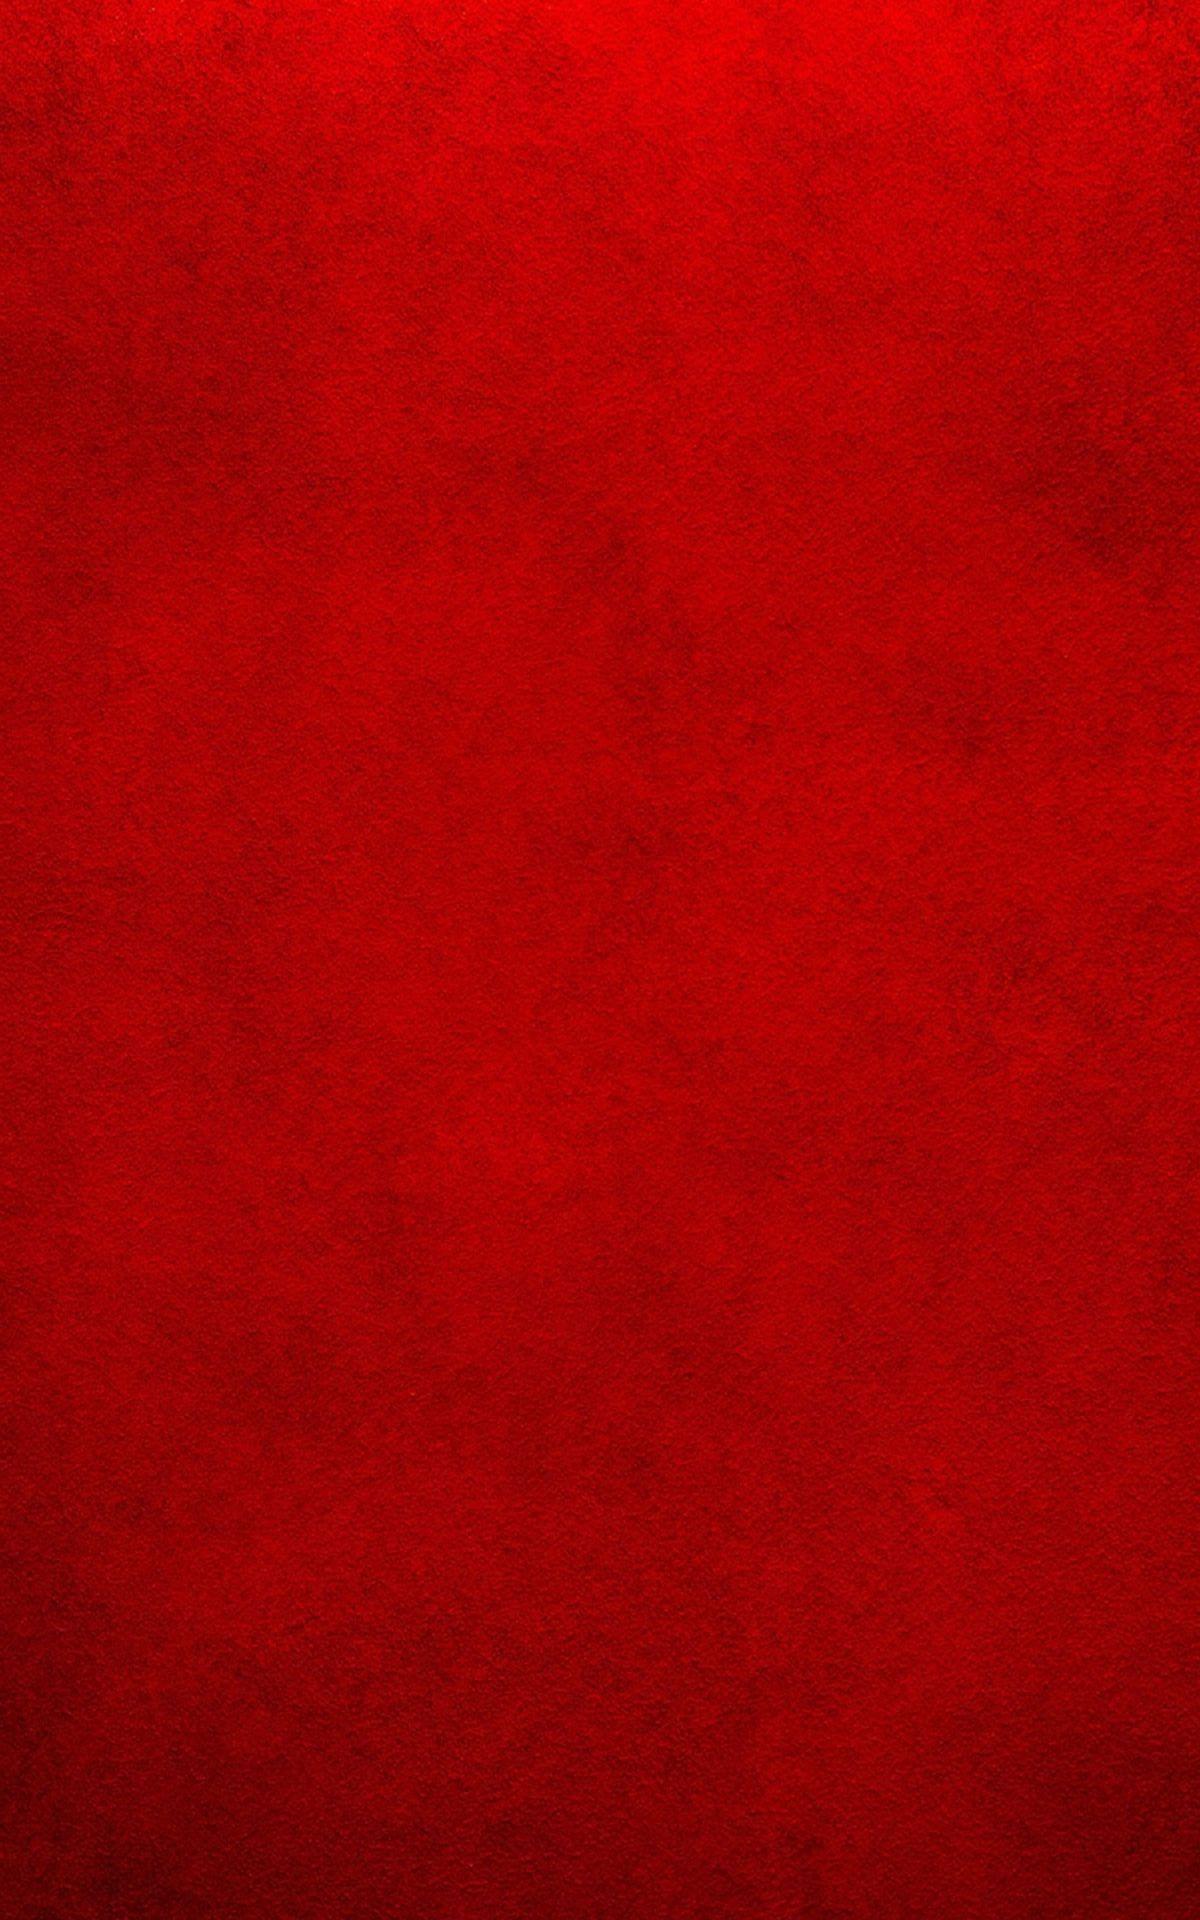 Hình nền đỏ full HD cho điện thoại